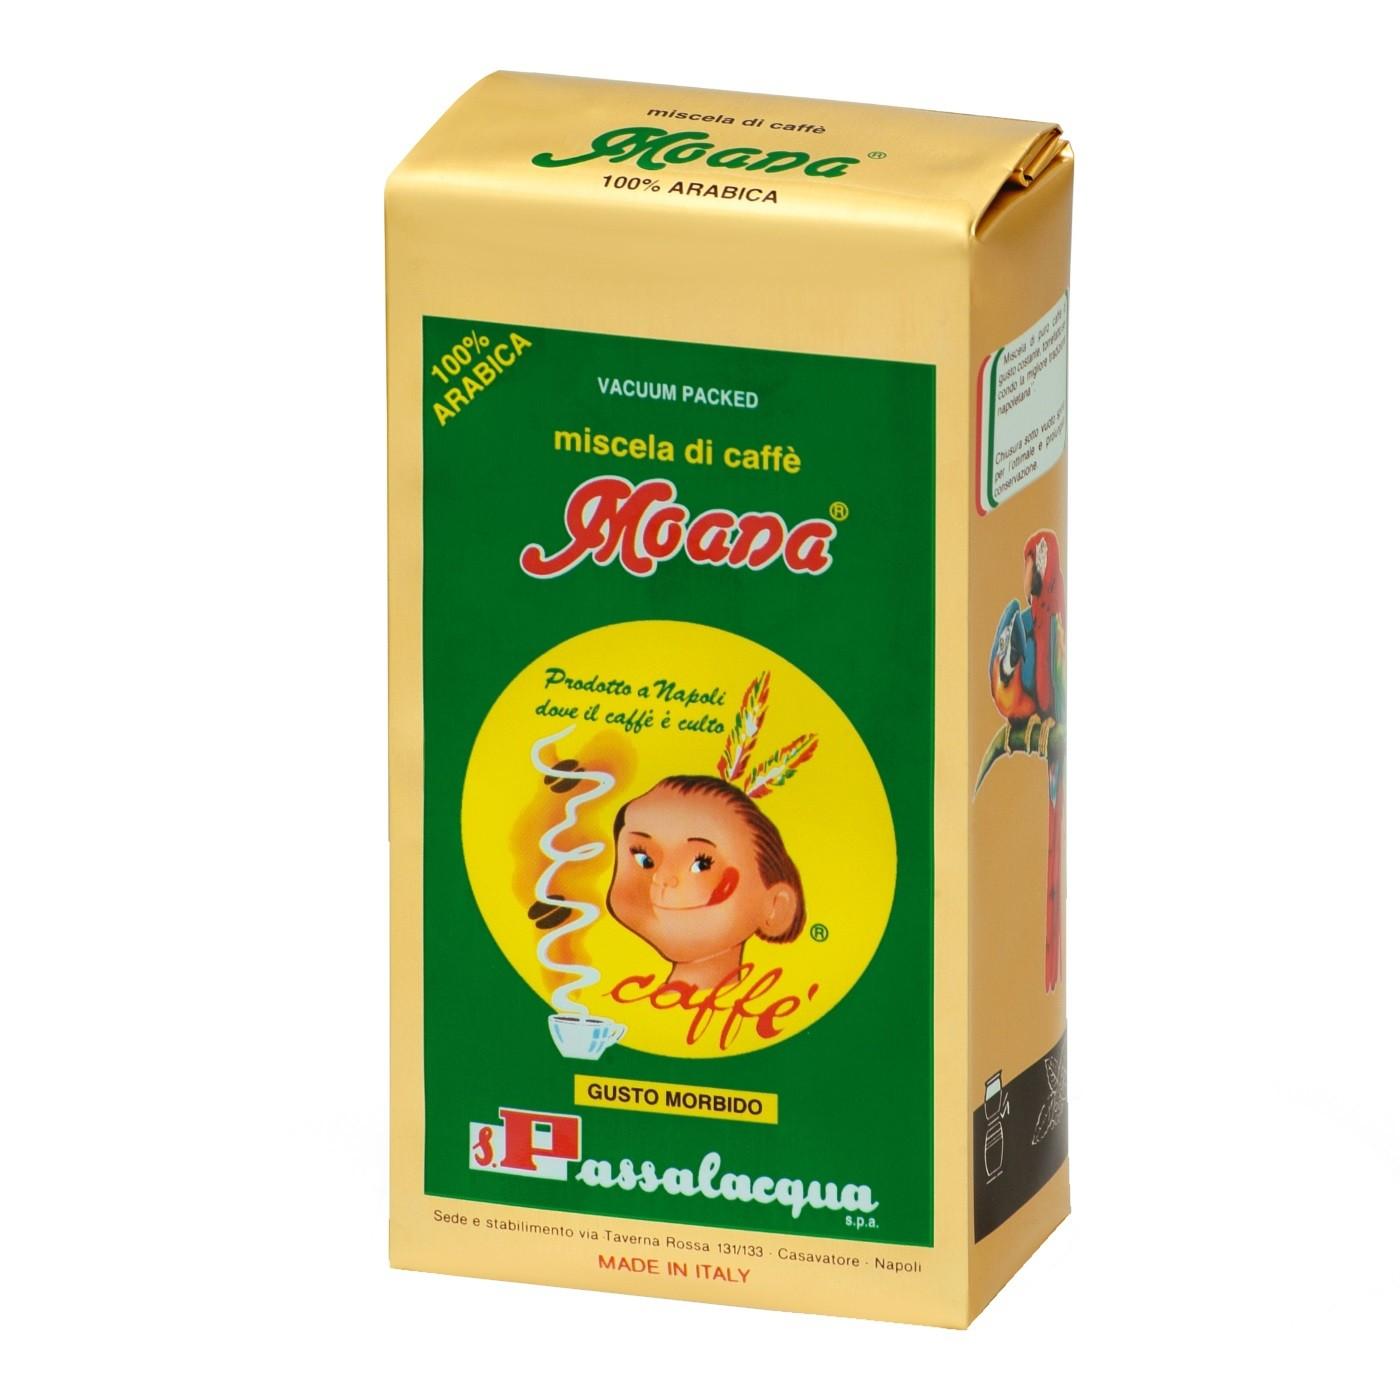 PASSALACQUA Moana 12x 250 g gemahlen und vakuumiert